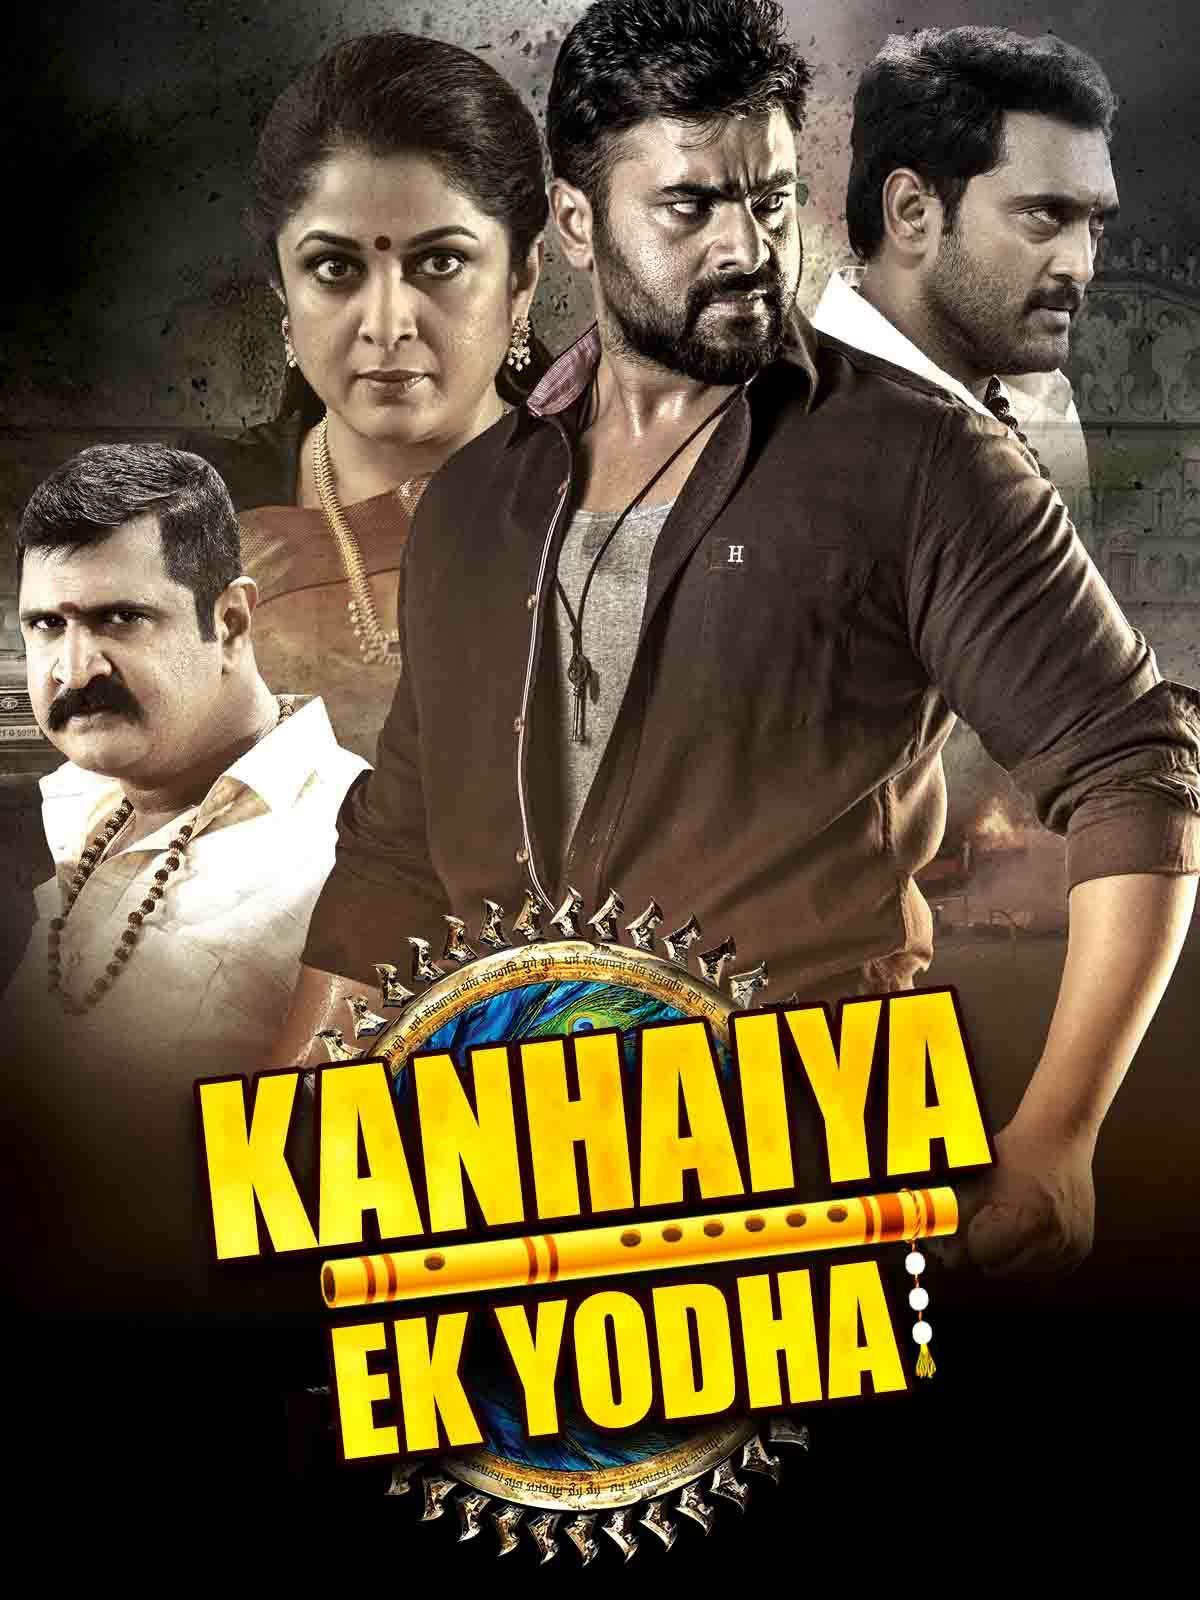 Kanhaiya Ek Yodha